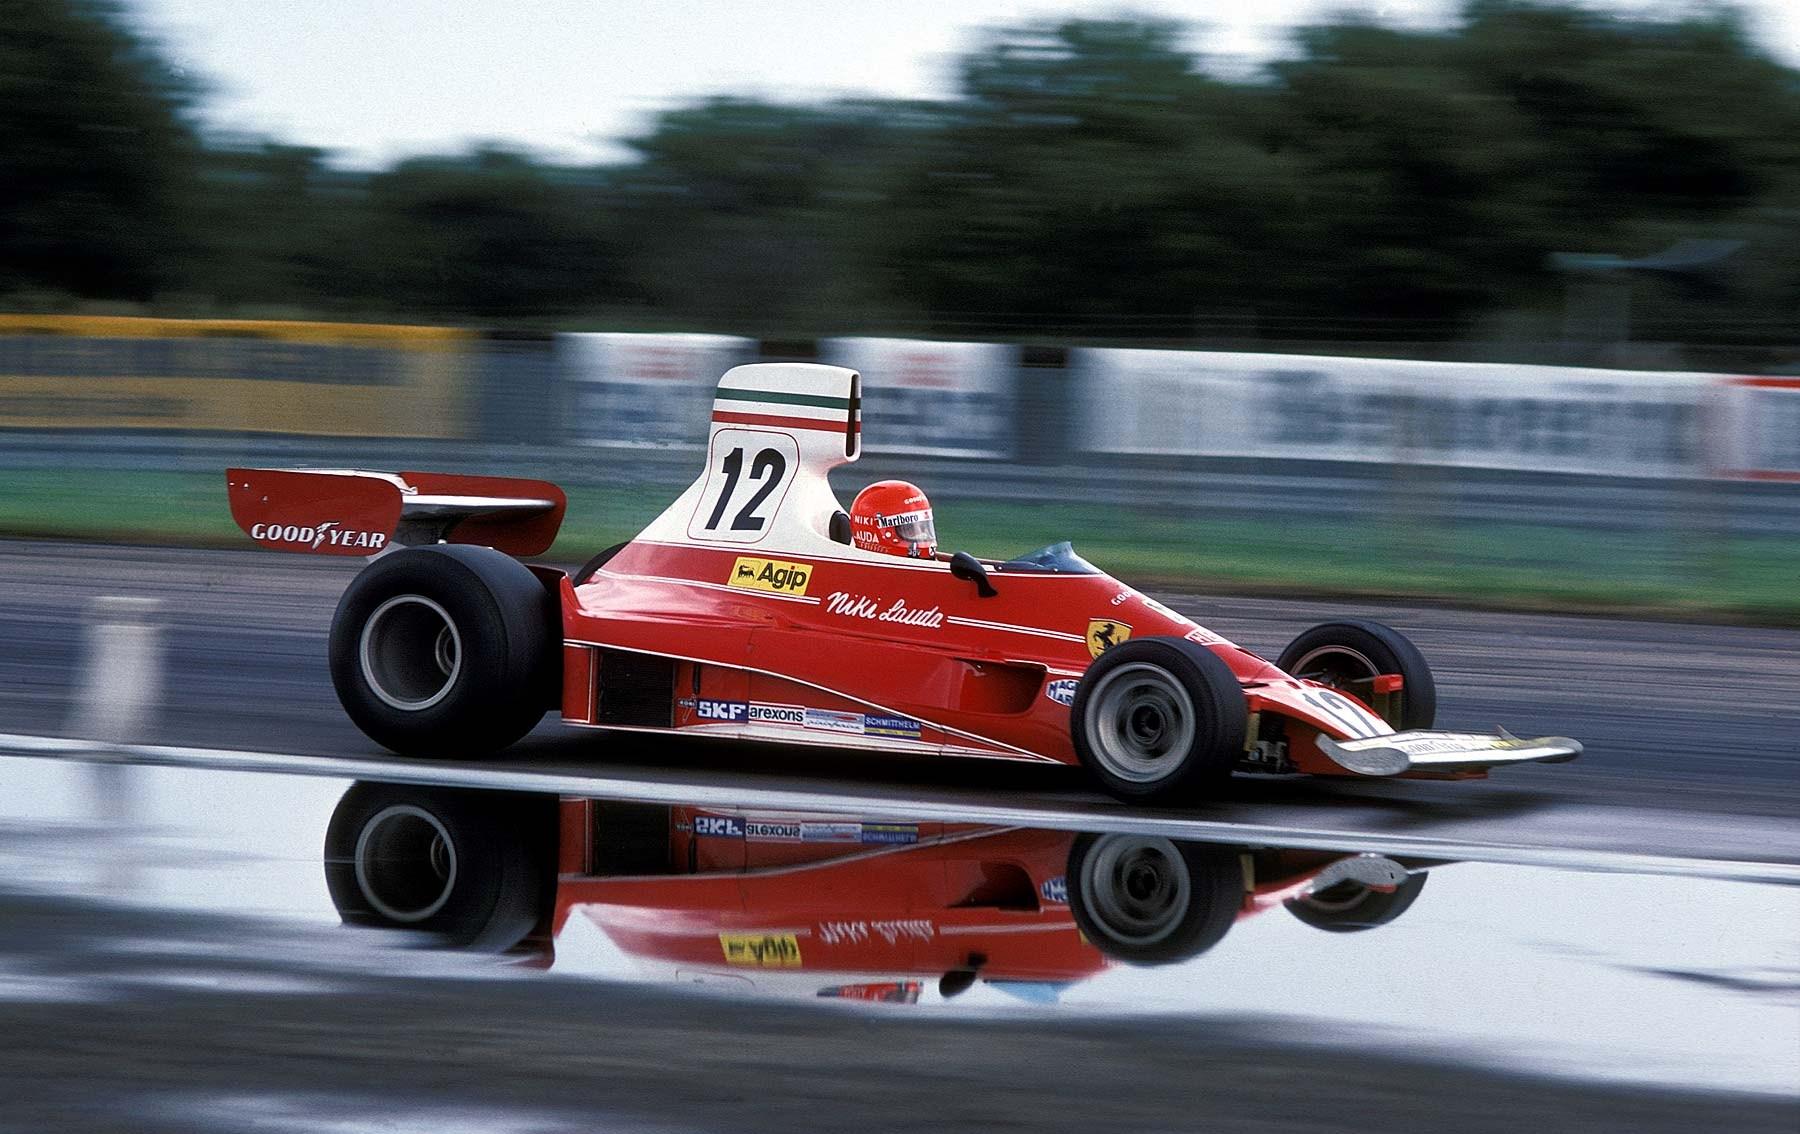 Niki Lauda u Ferrariju dominirao je 1974. na Brands Hatchu, ali ga je puknuće spriječilo da pobijedi u utrci. (20.7.1974.) Foto: pinterest